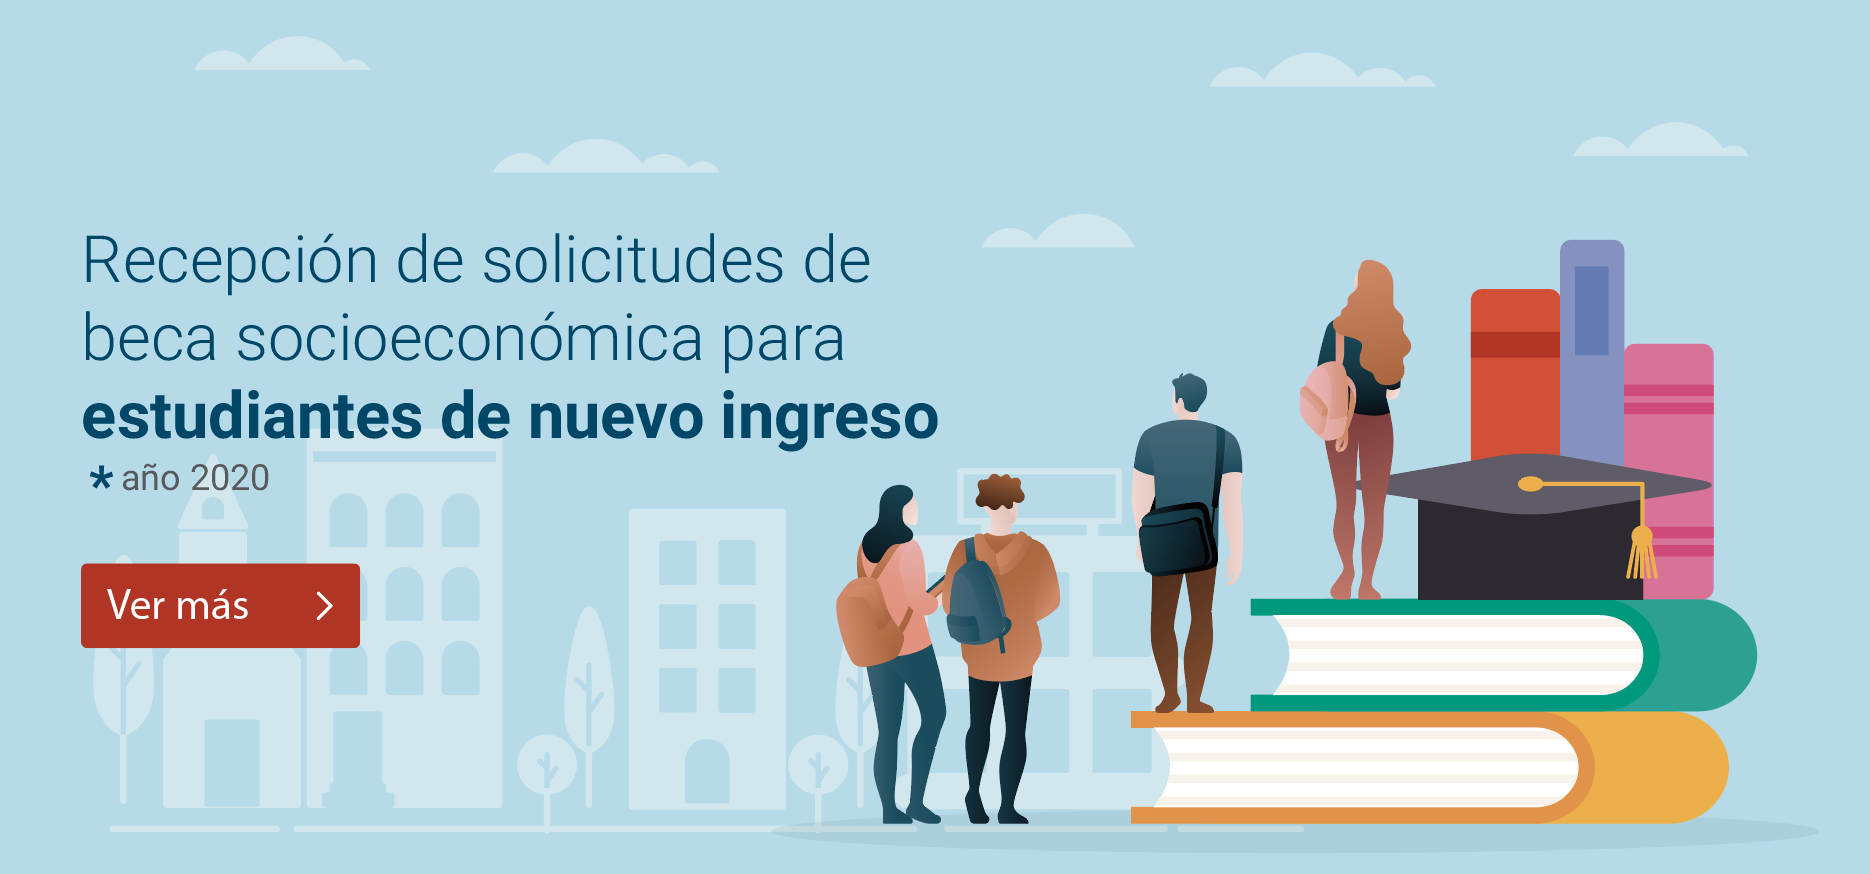 información becas para estudiantes de nuevo ingreso